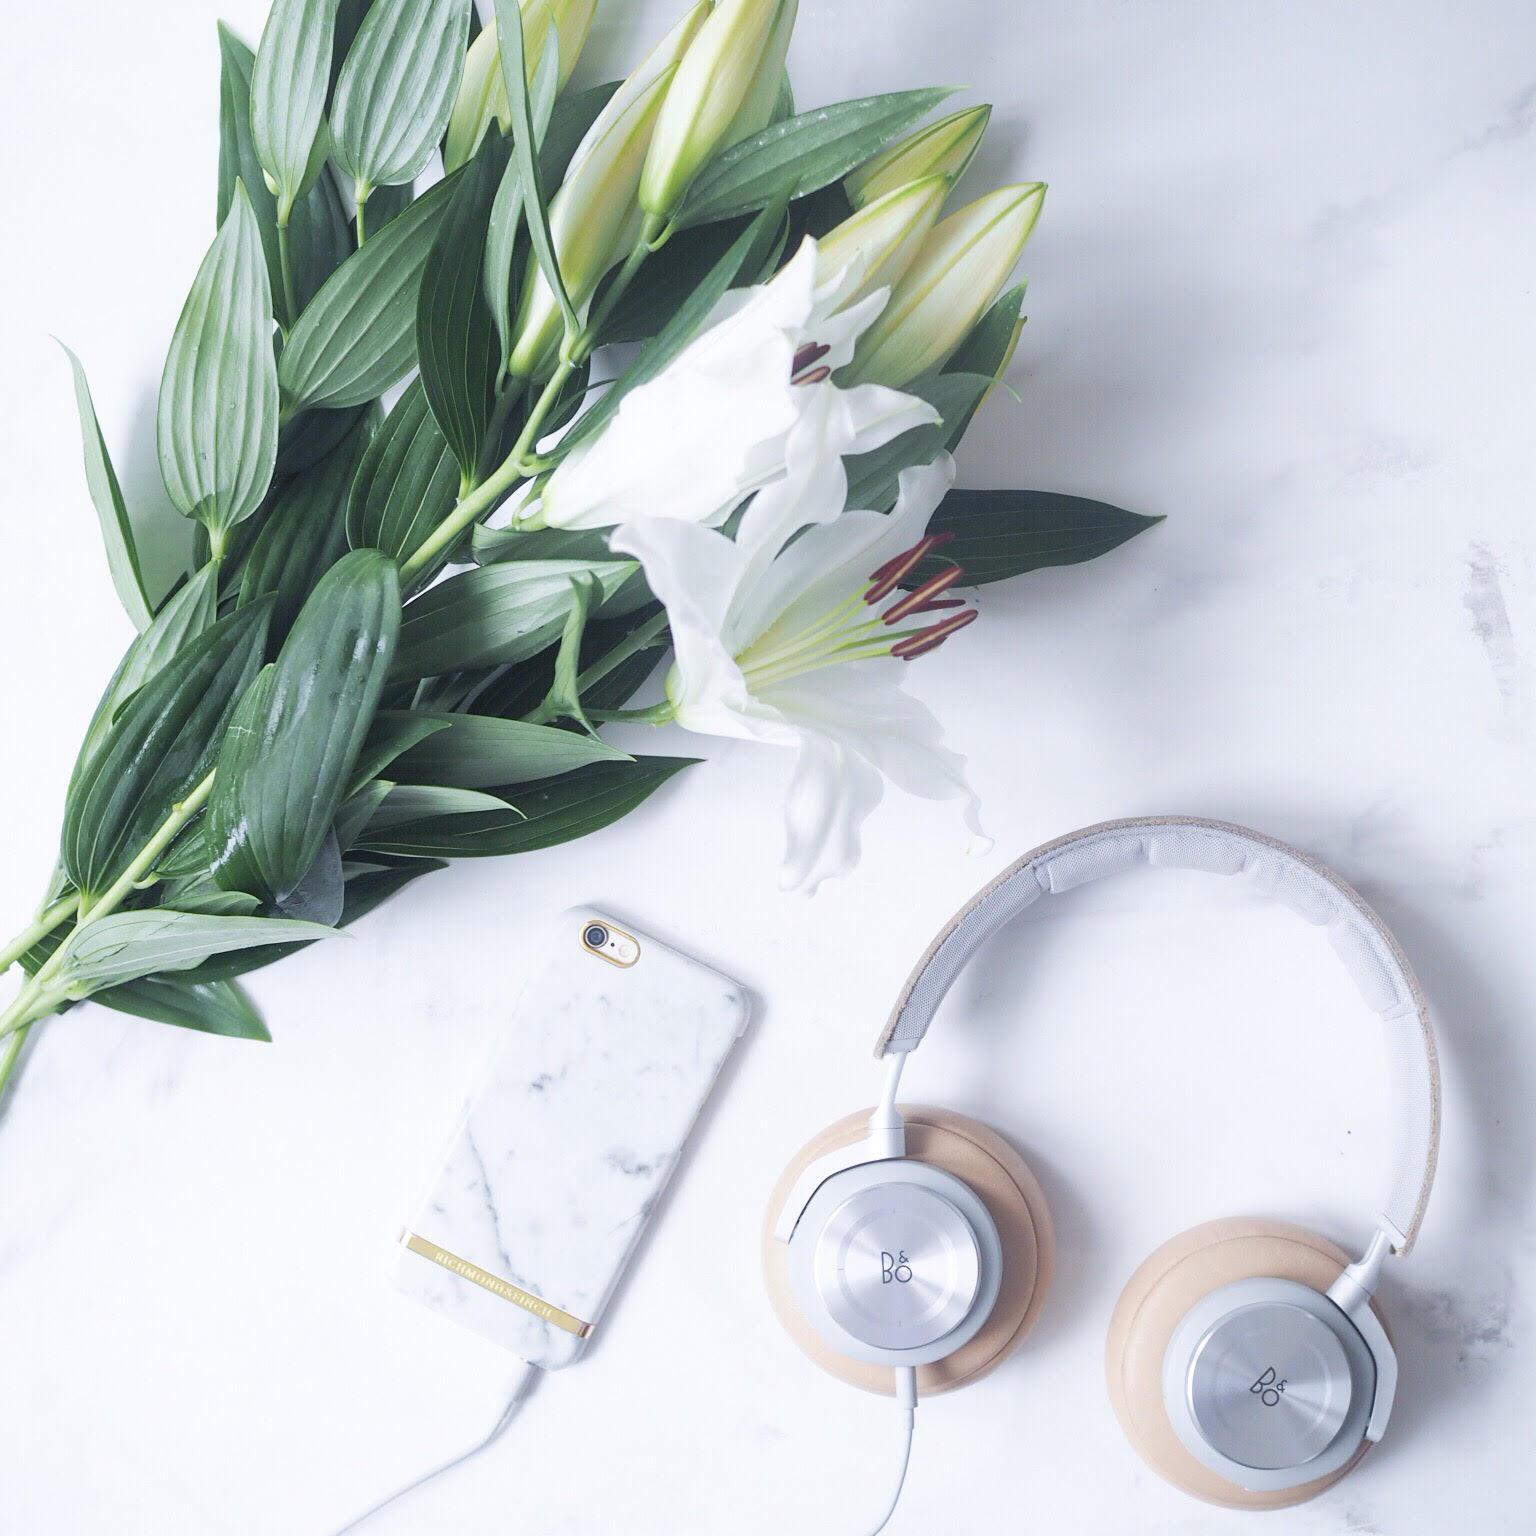 Bang og olufsen - beoplay højtalere i hvid og sølv